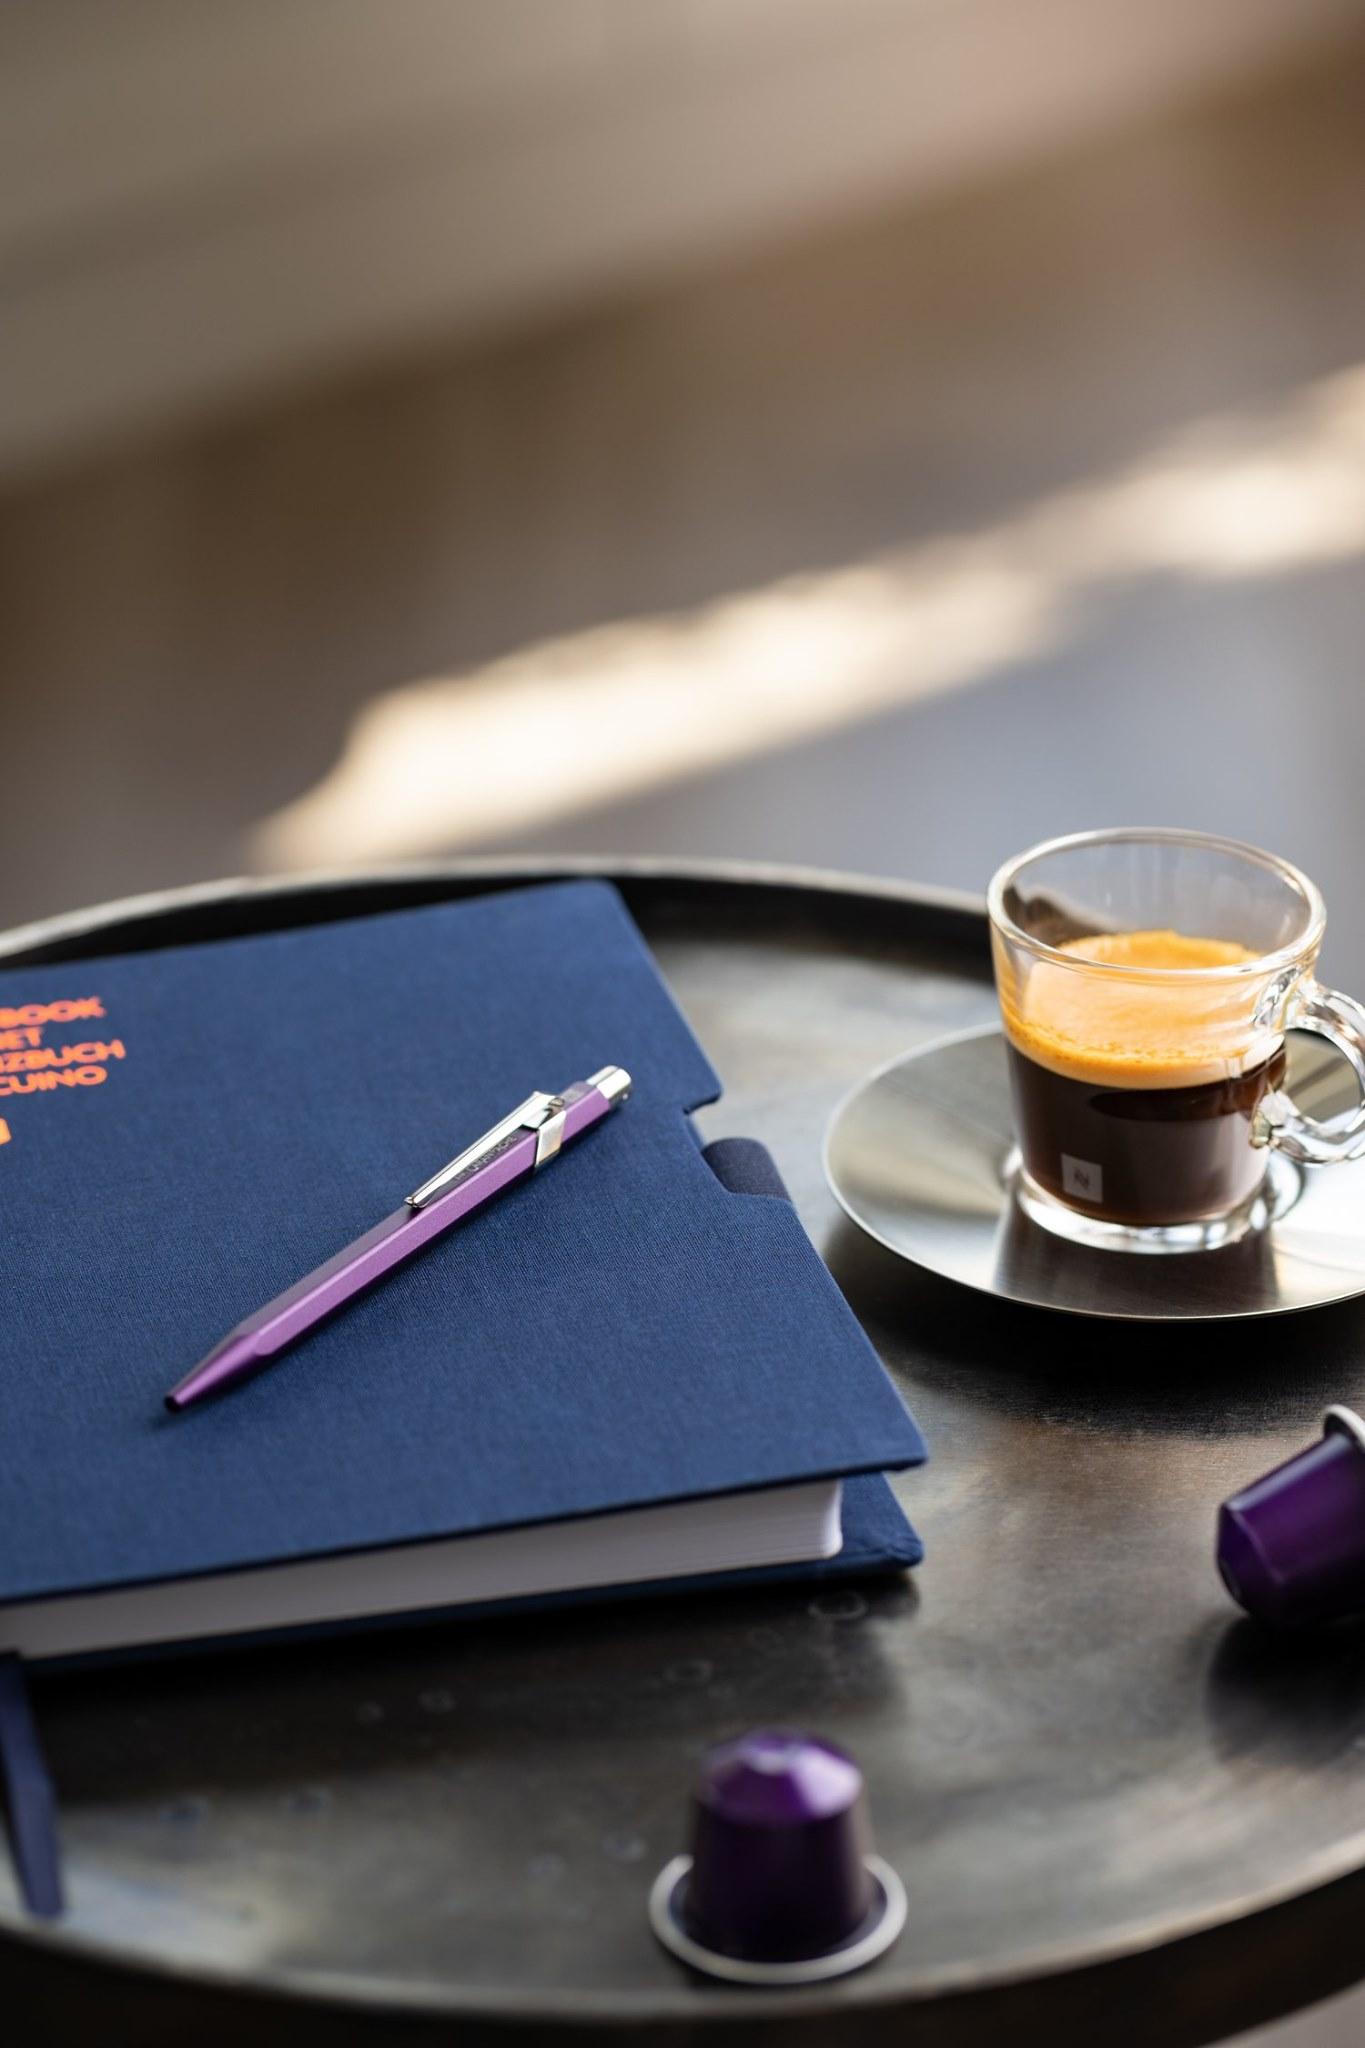 Caran d Ache 849 Nespresso Arpeggio-mesa cafe